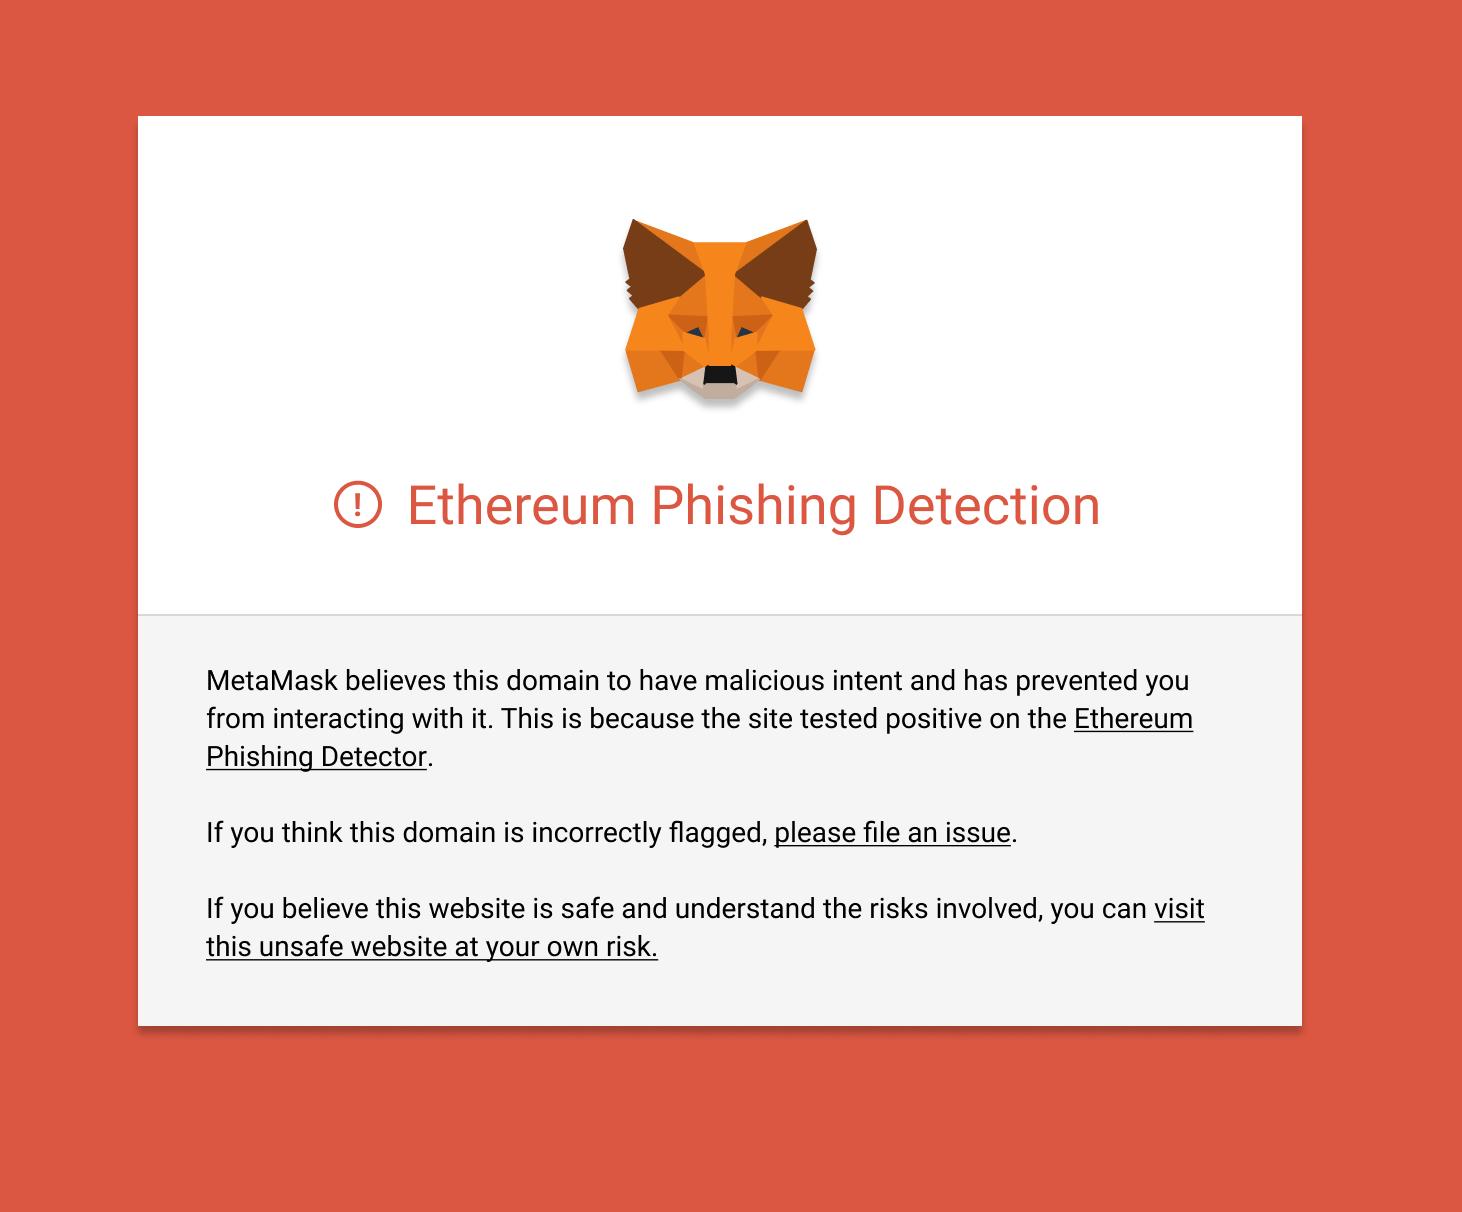 сайт предупреждение Metamask